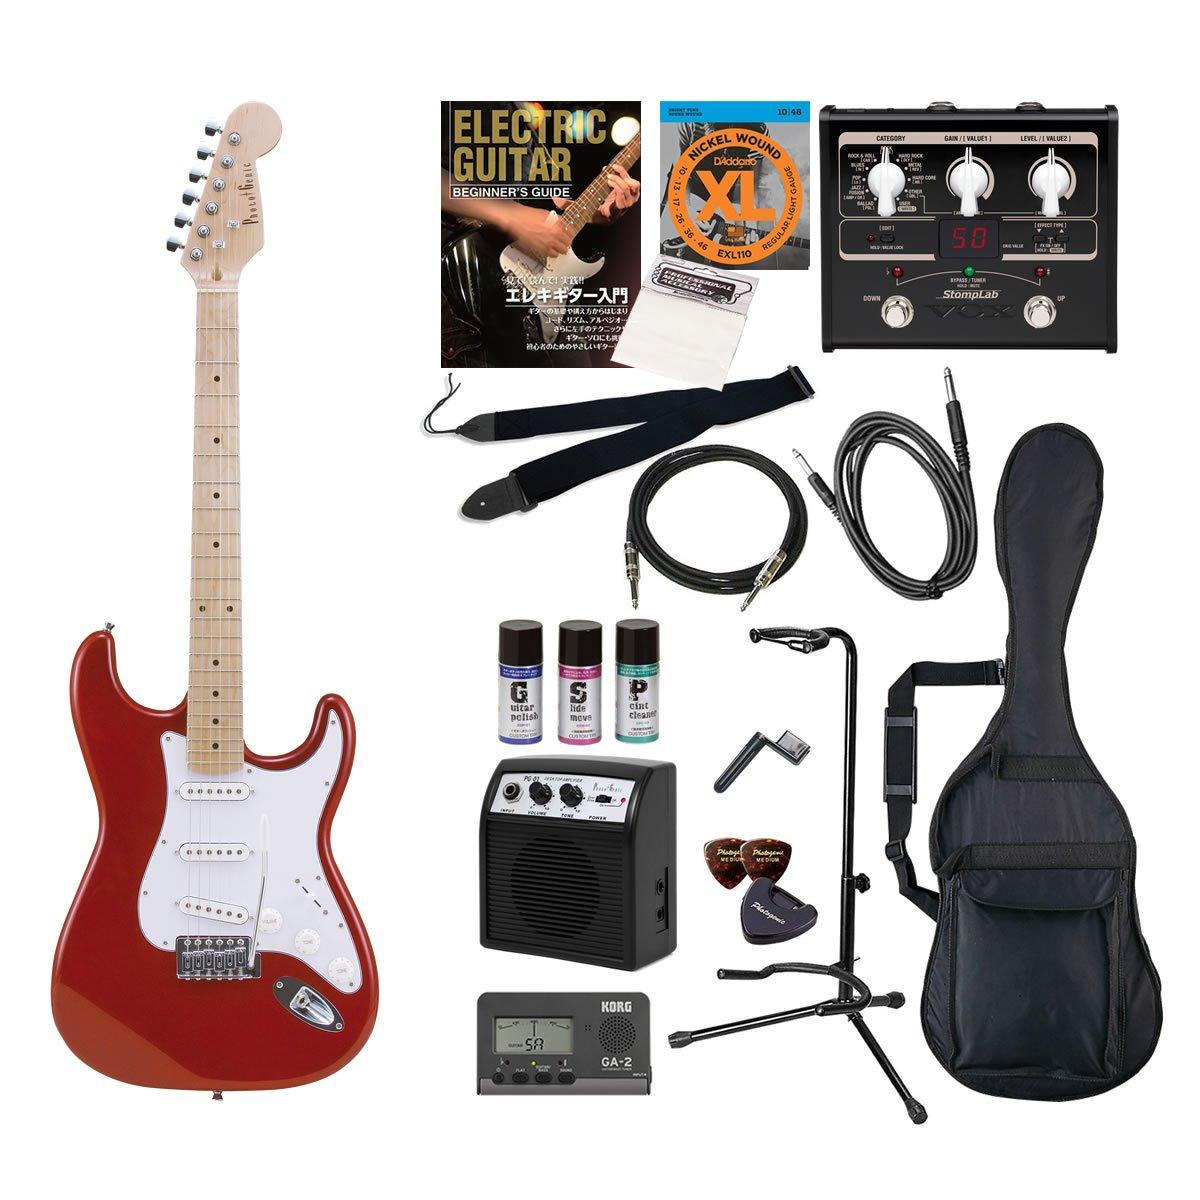 PhotoGenic エレキギター Amazonオリジナル16点 エフェクターセット ストラトキャスタータイプ ST-180M/MRD メタリックレッド  メタリックレッド/M B00CSHNAZ0